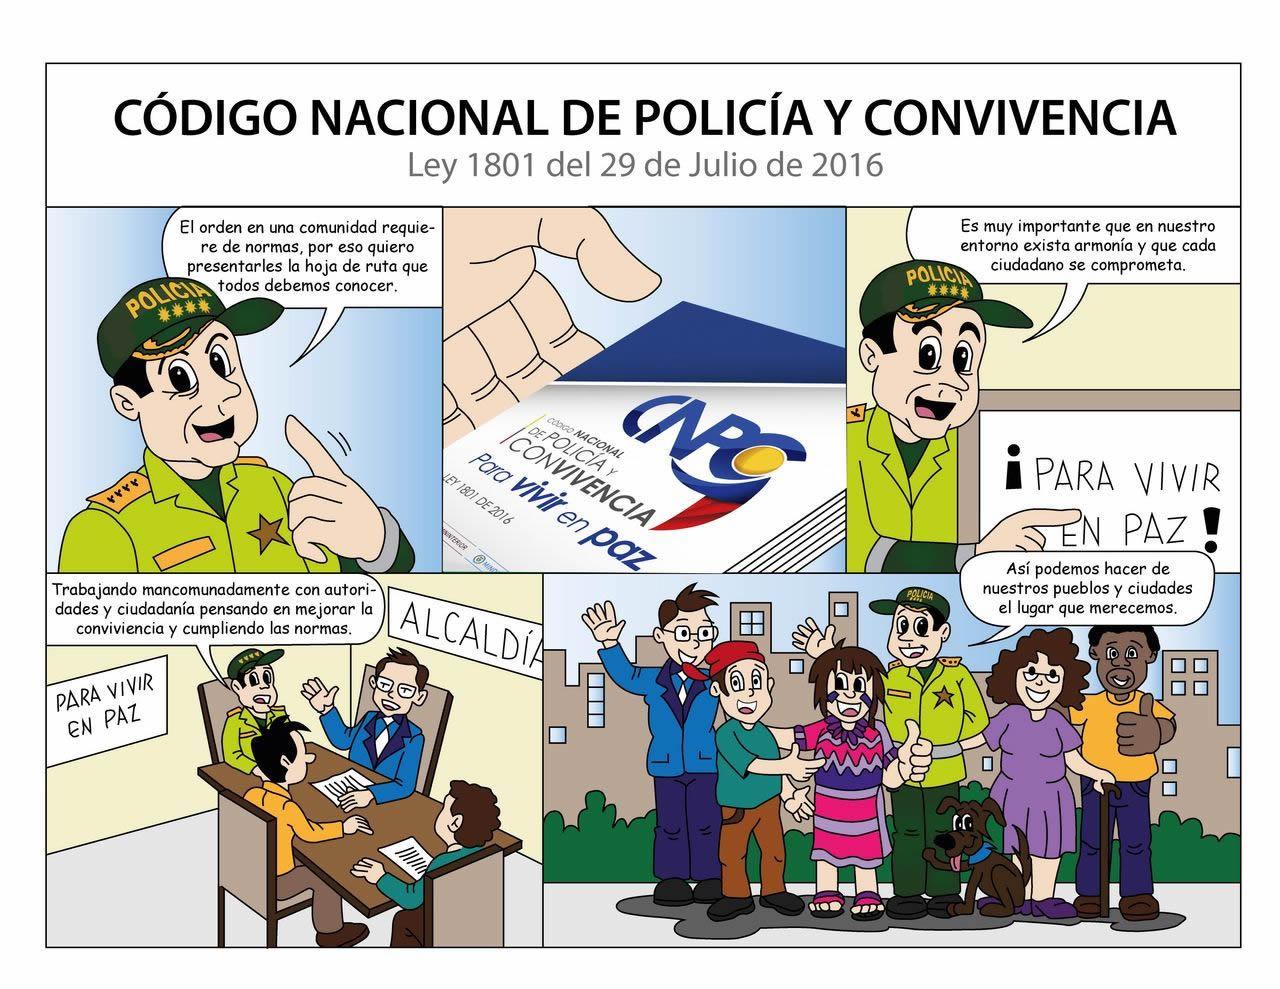 Resultado de imagen para La Policìa Aplica estrictamente el Còdigo de Policìa